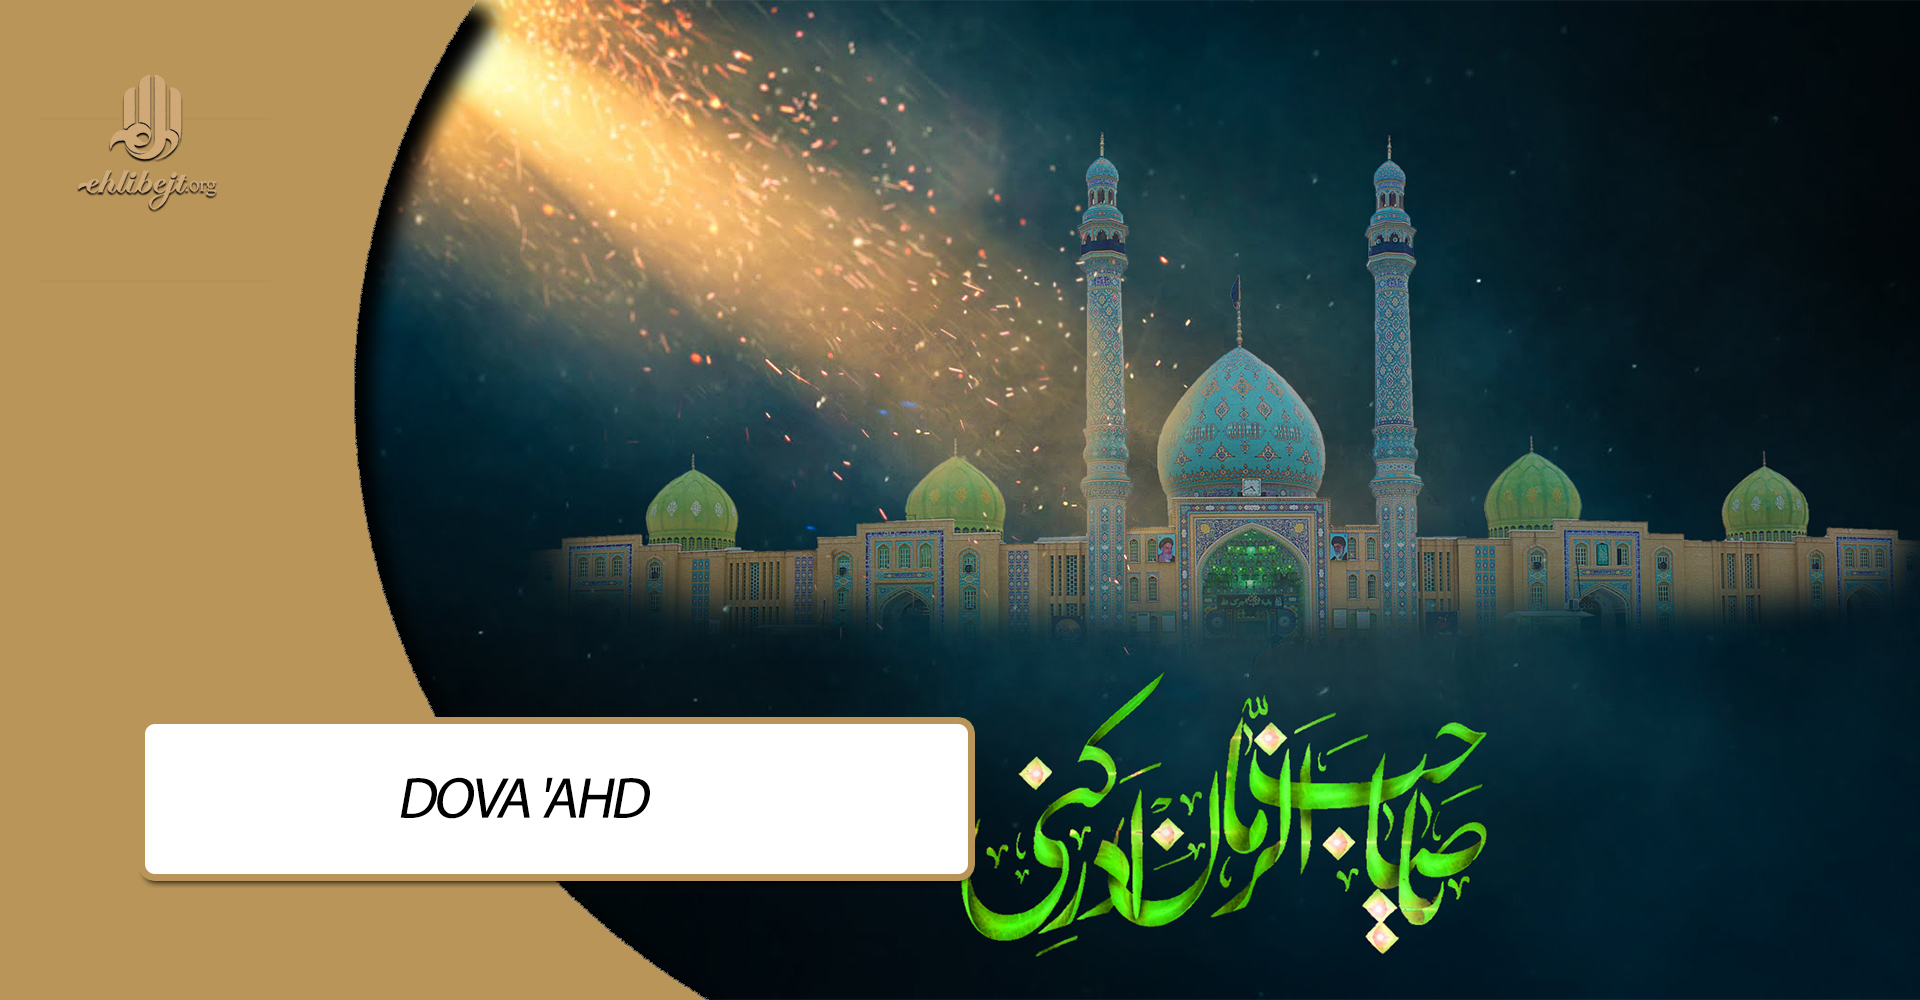 Dova 'Ahd